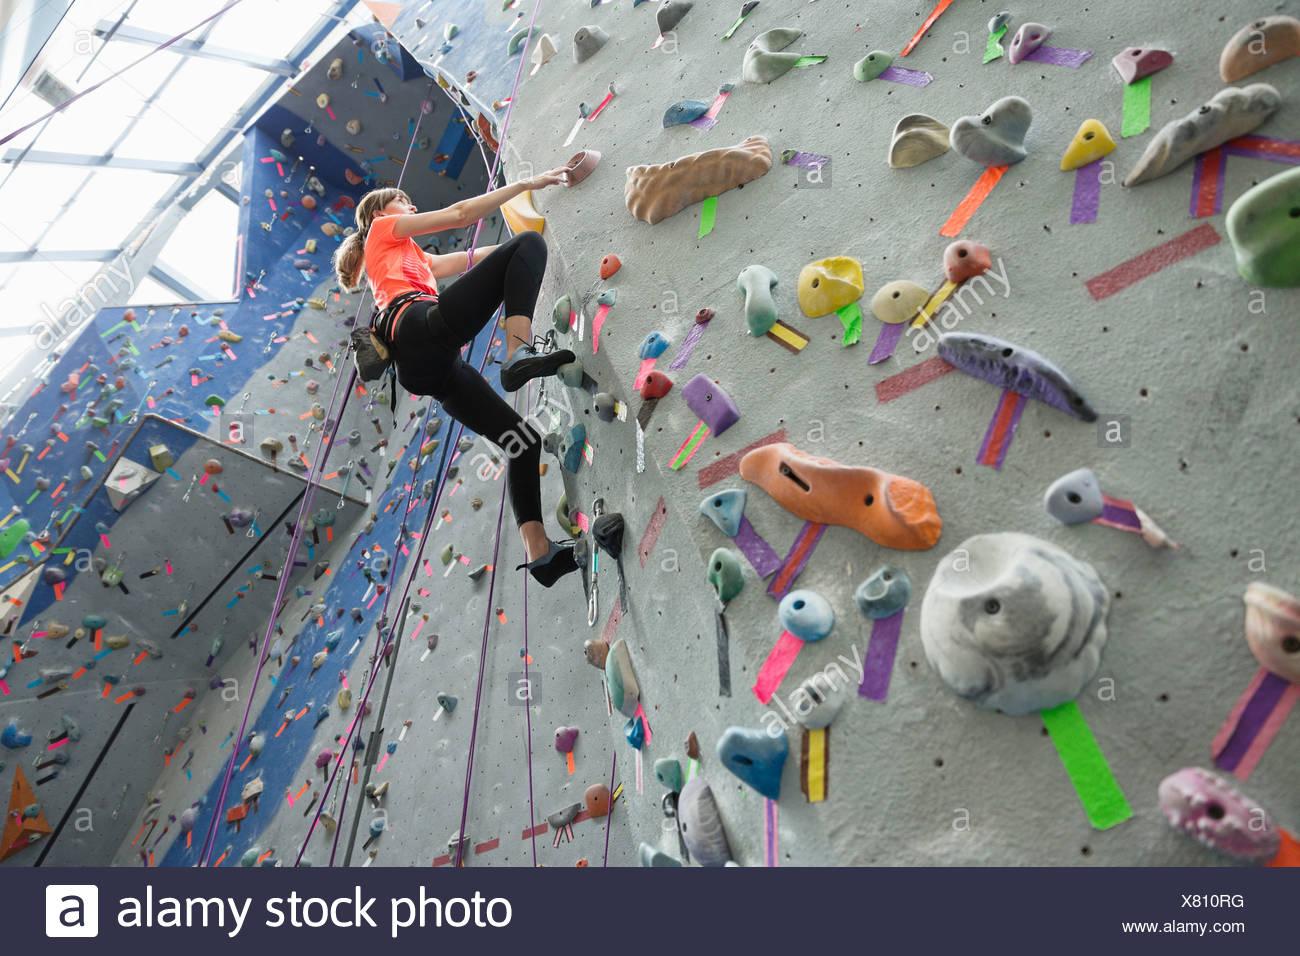 Ángulo de visión baja de la mujer la escalada en el muro de escalada en el gimnasio Imagen De Stock